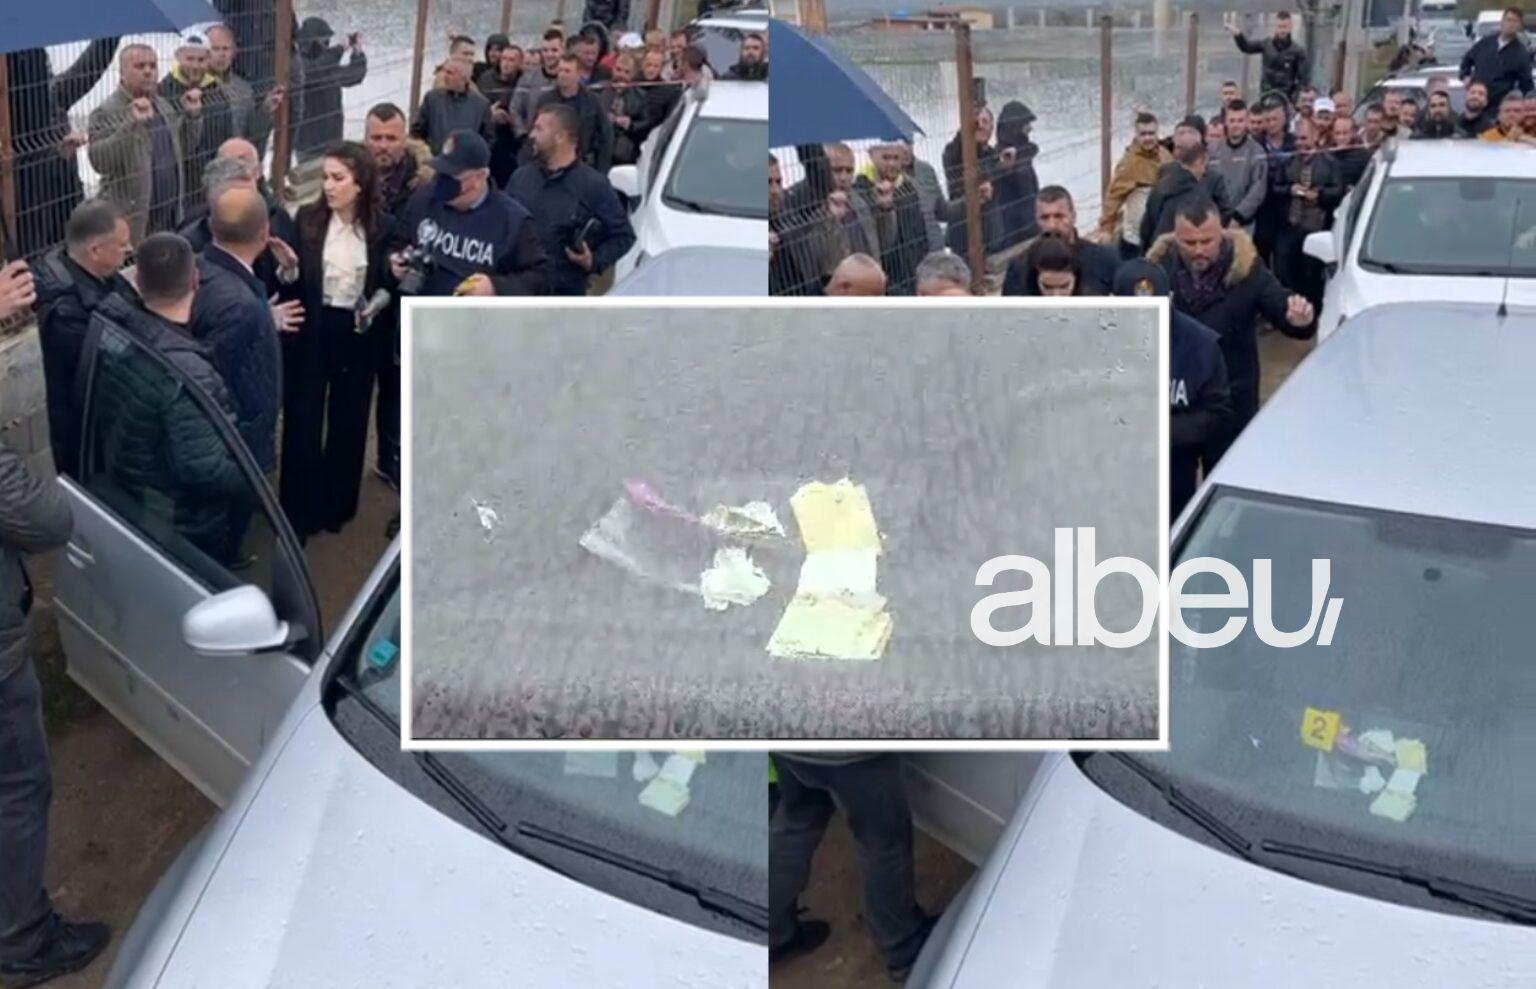 Shpërndau para në 5 fshatra, zbulohet si u pikas dhe bllokua për 1 orë makina në Dibër (VIDEO)